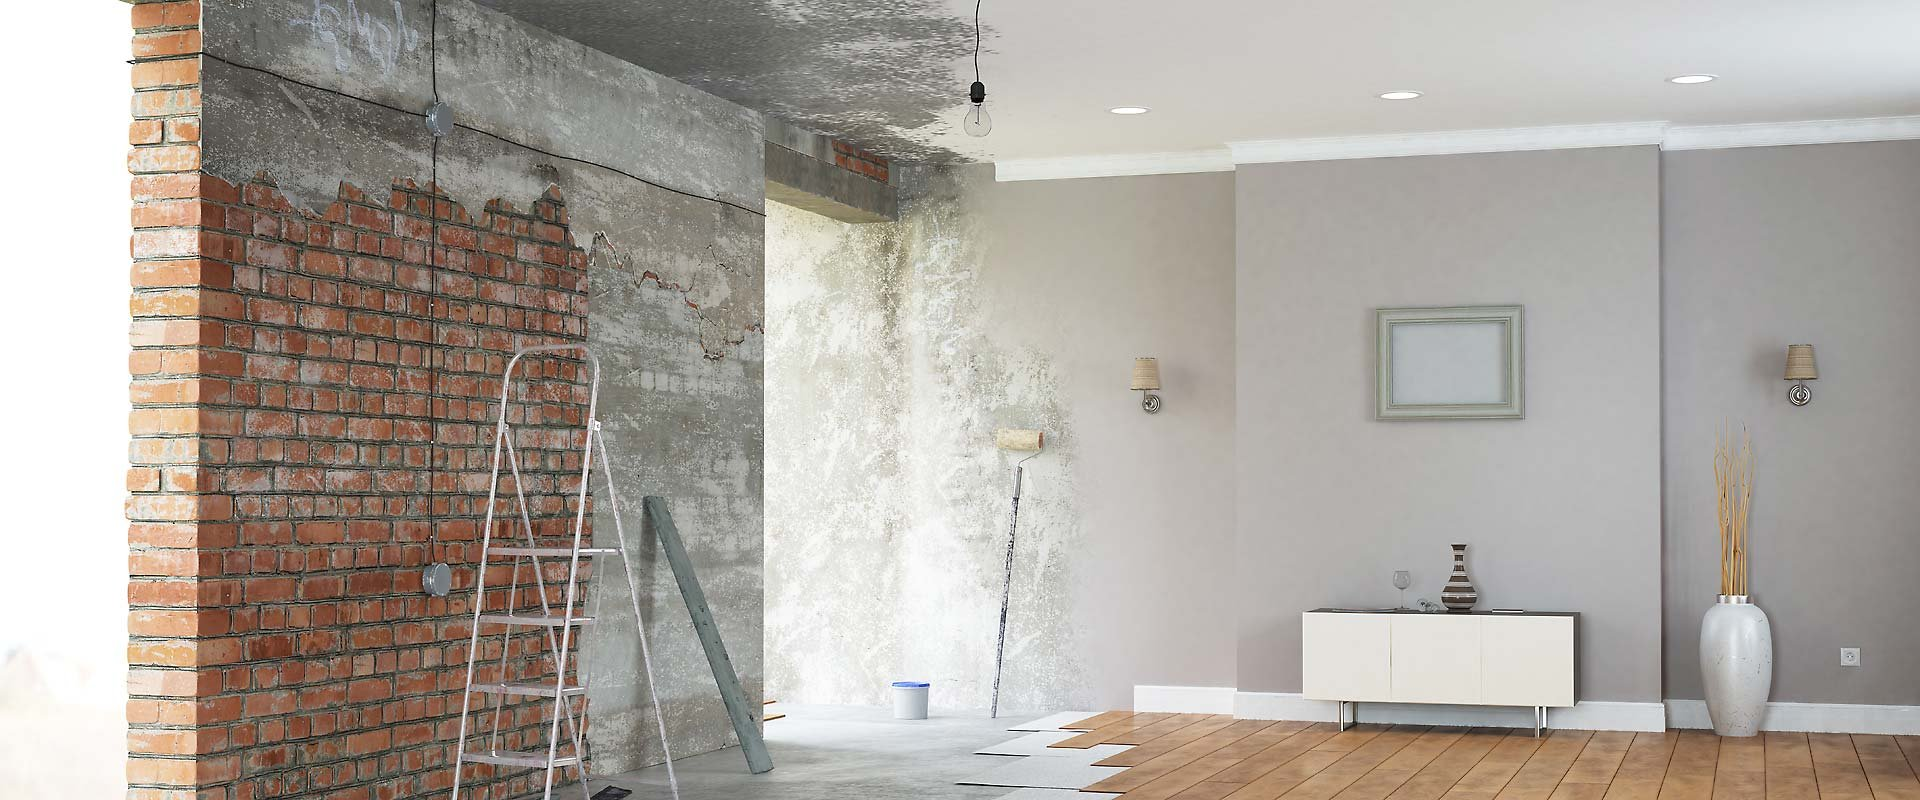 renovierungen wohnungen h user s dtirol maler psenner. Black Bedroom Furniture Sets. Home Design Ideas